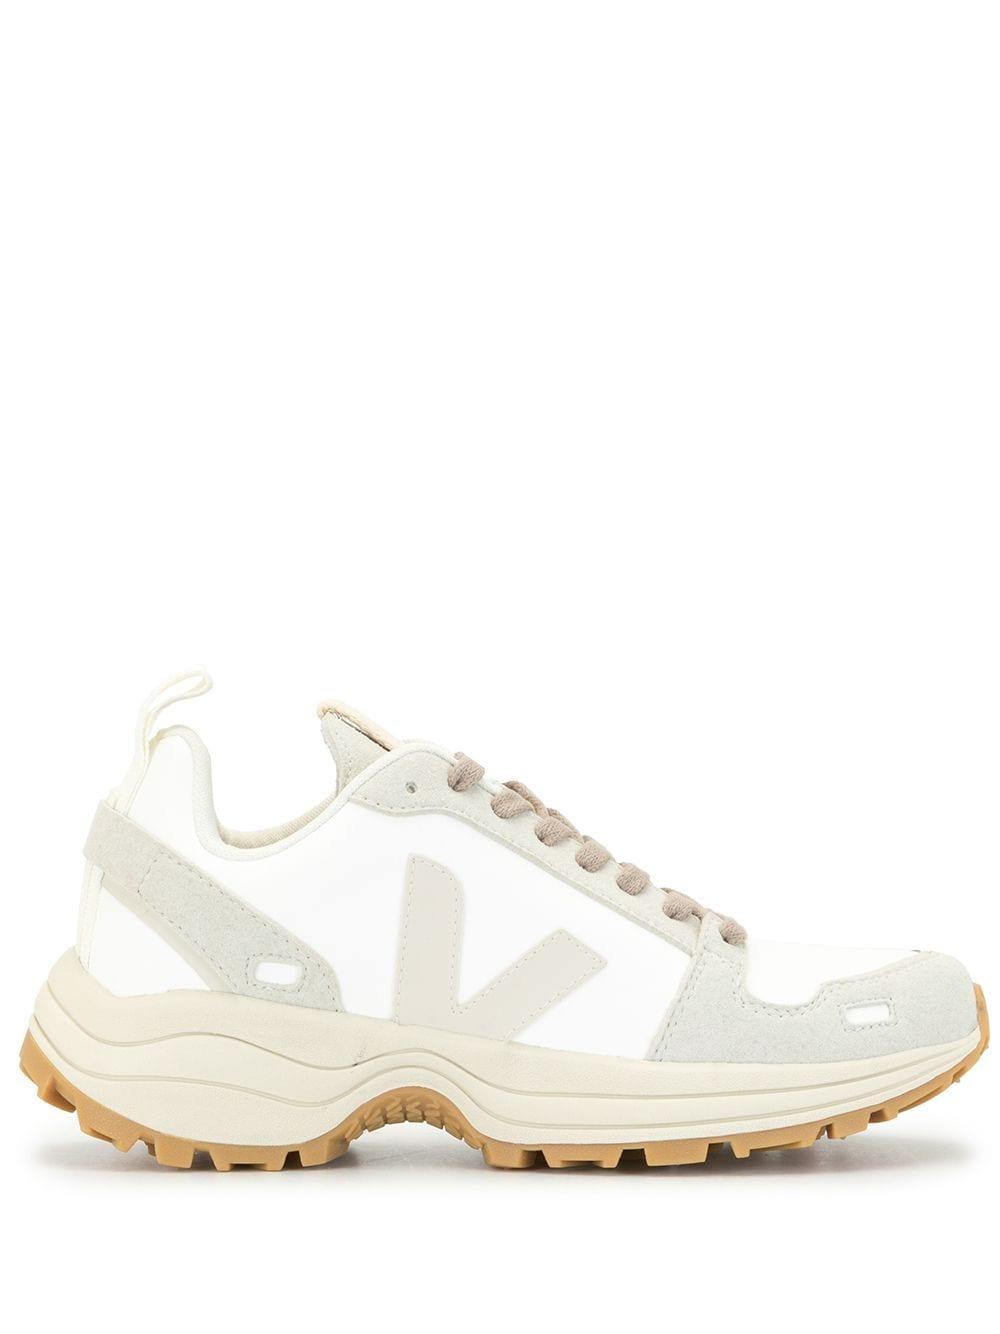 Veja Sneakers met vlakken – Wit